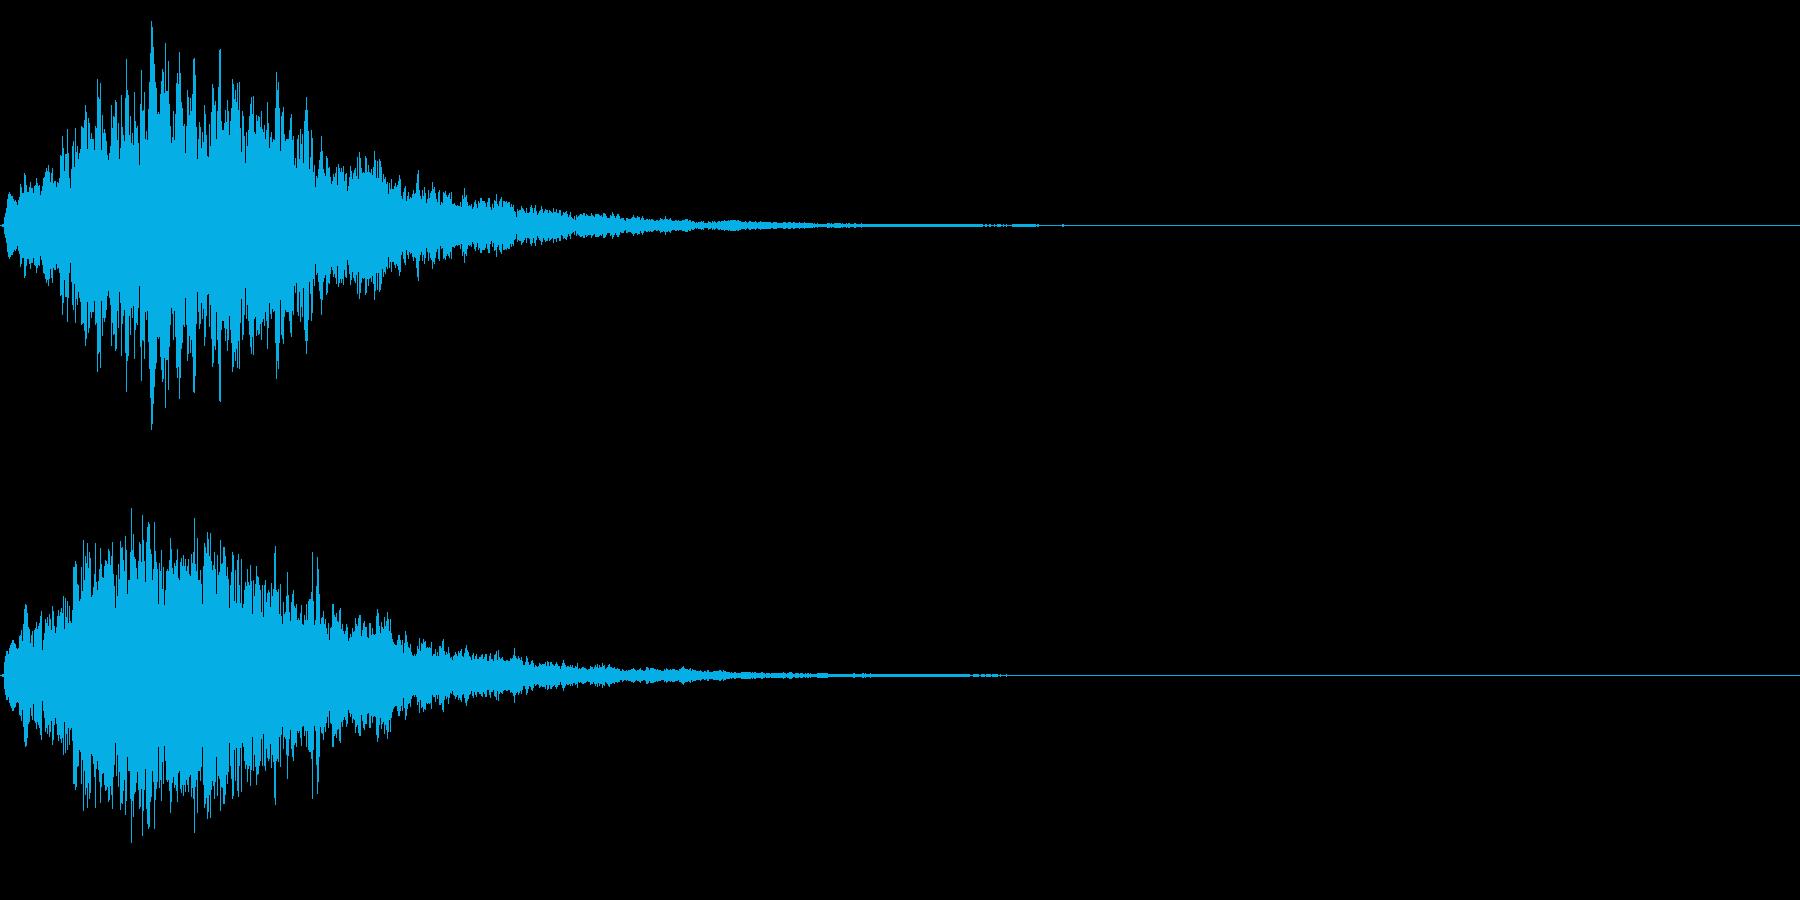 ゲームスタート、決定、ボタン音-151の再生済みの波形